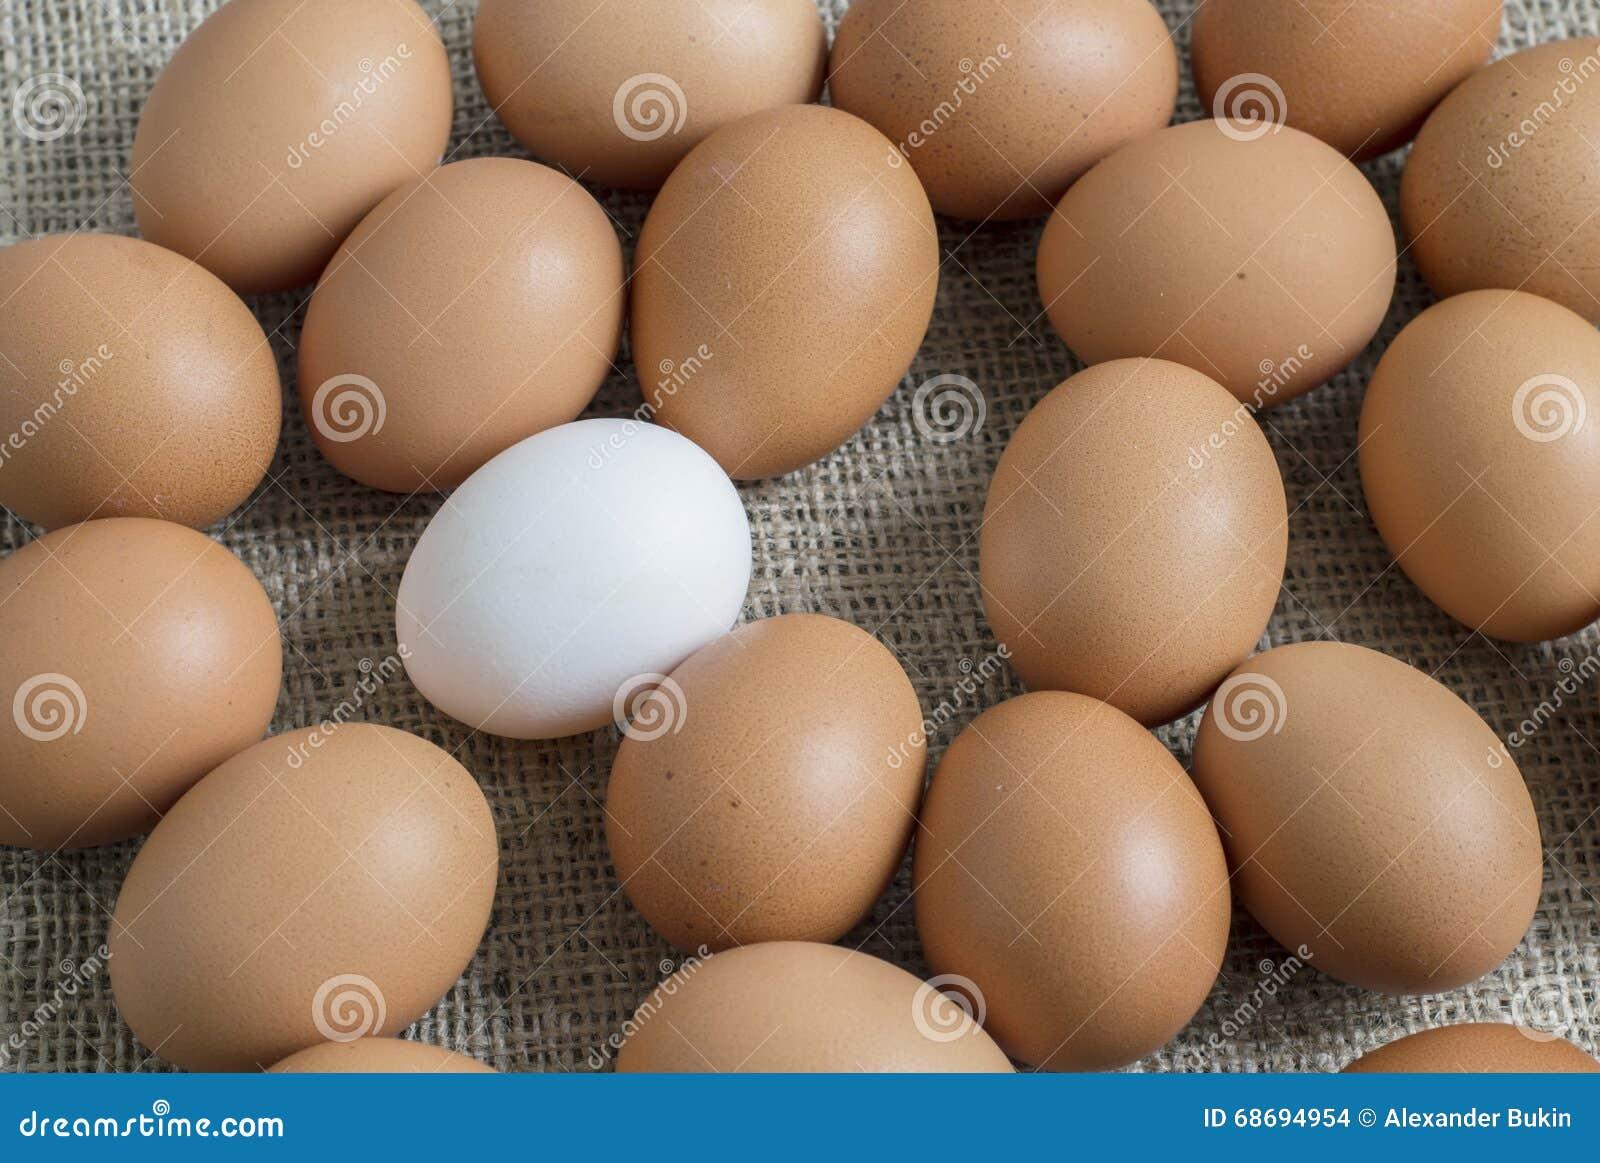 黄色录像鸡大巴_黄色鸡鸡蛋和白色在中部.